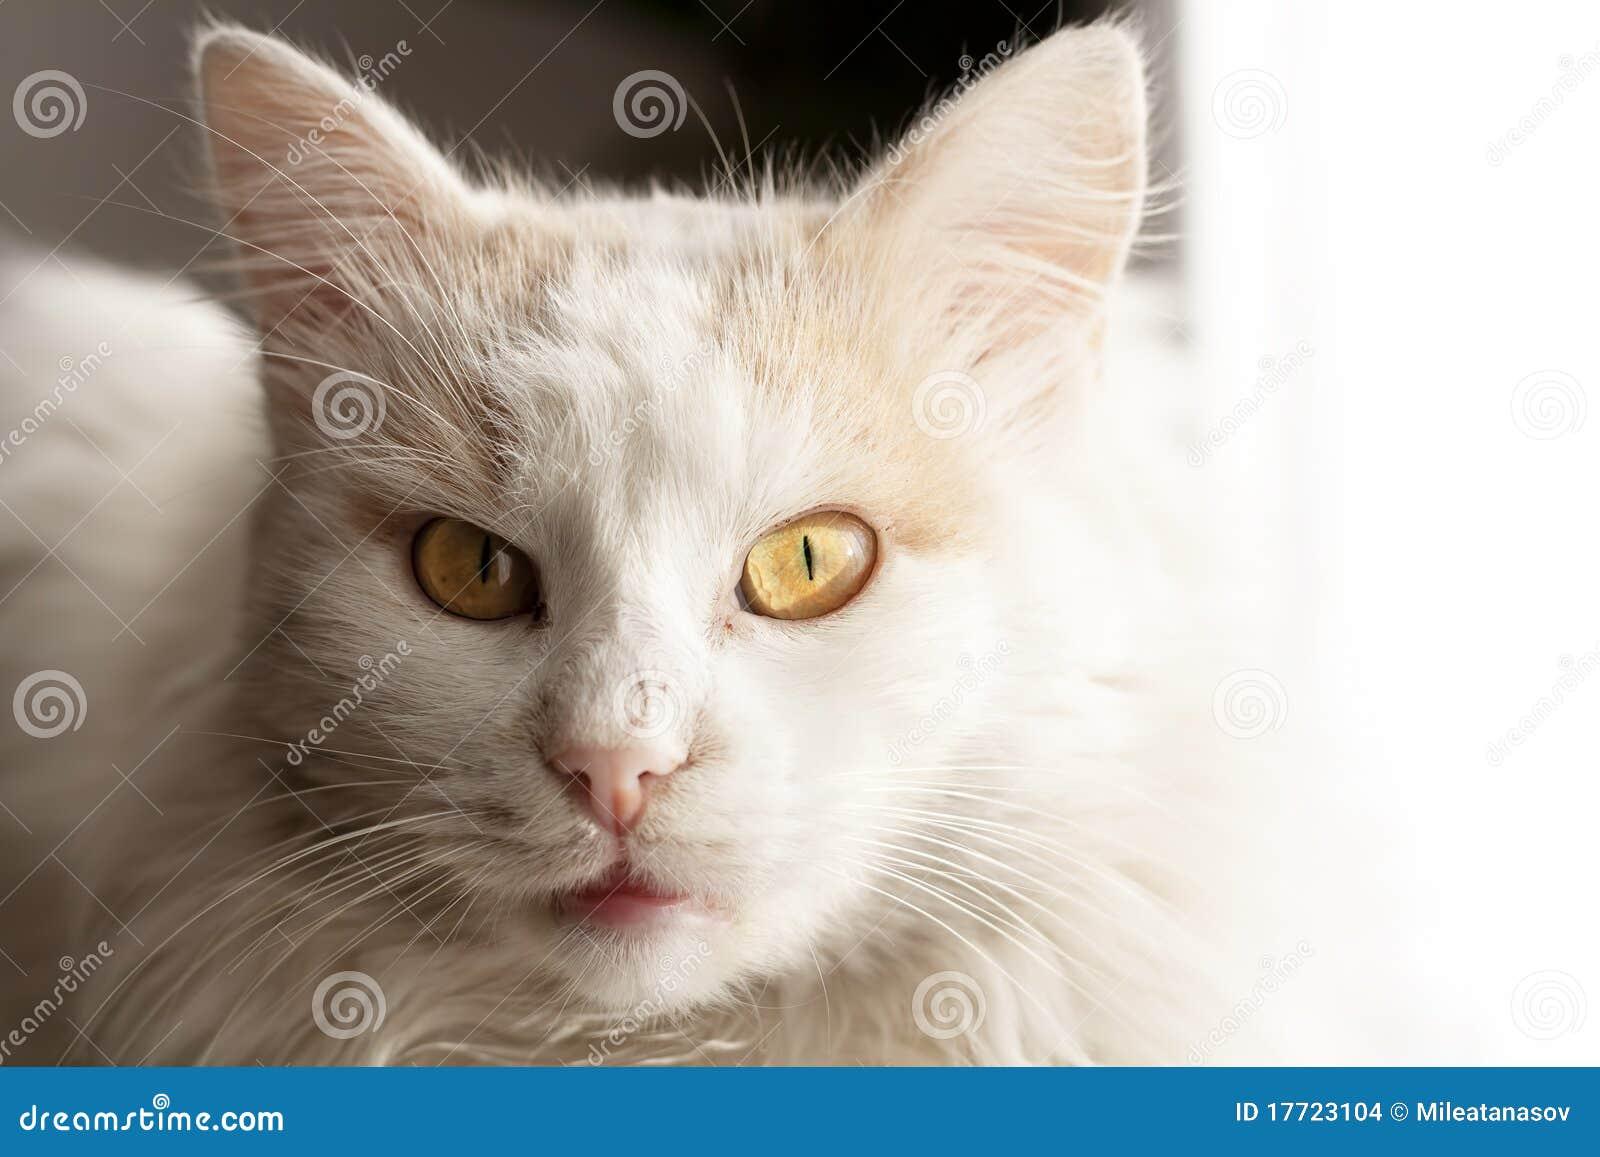 Turkish Angora Cat Stock Photo Image Of Nose Eyes Brown 17723104